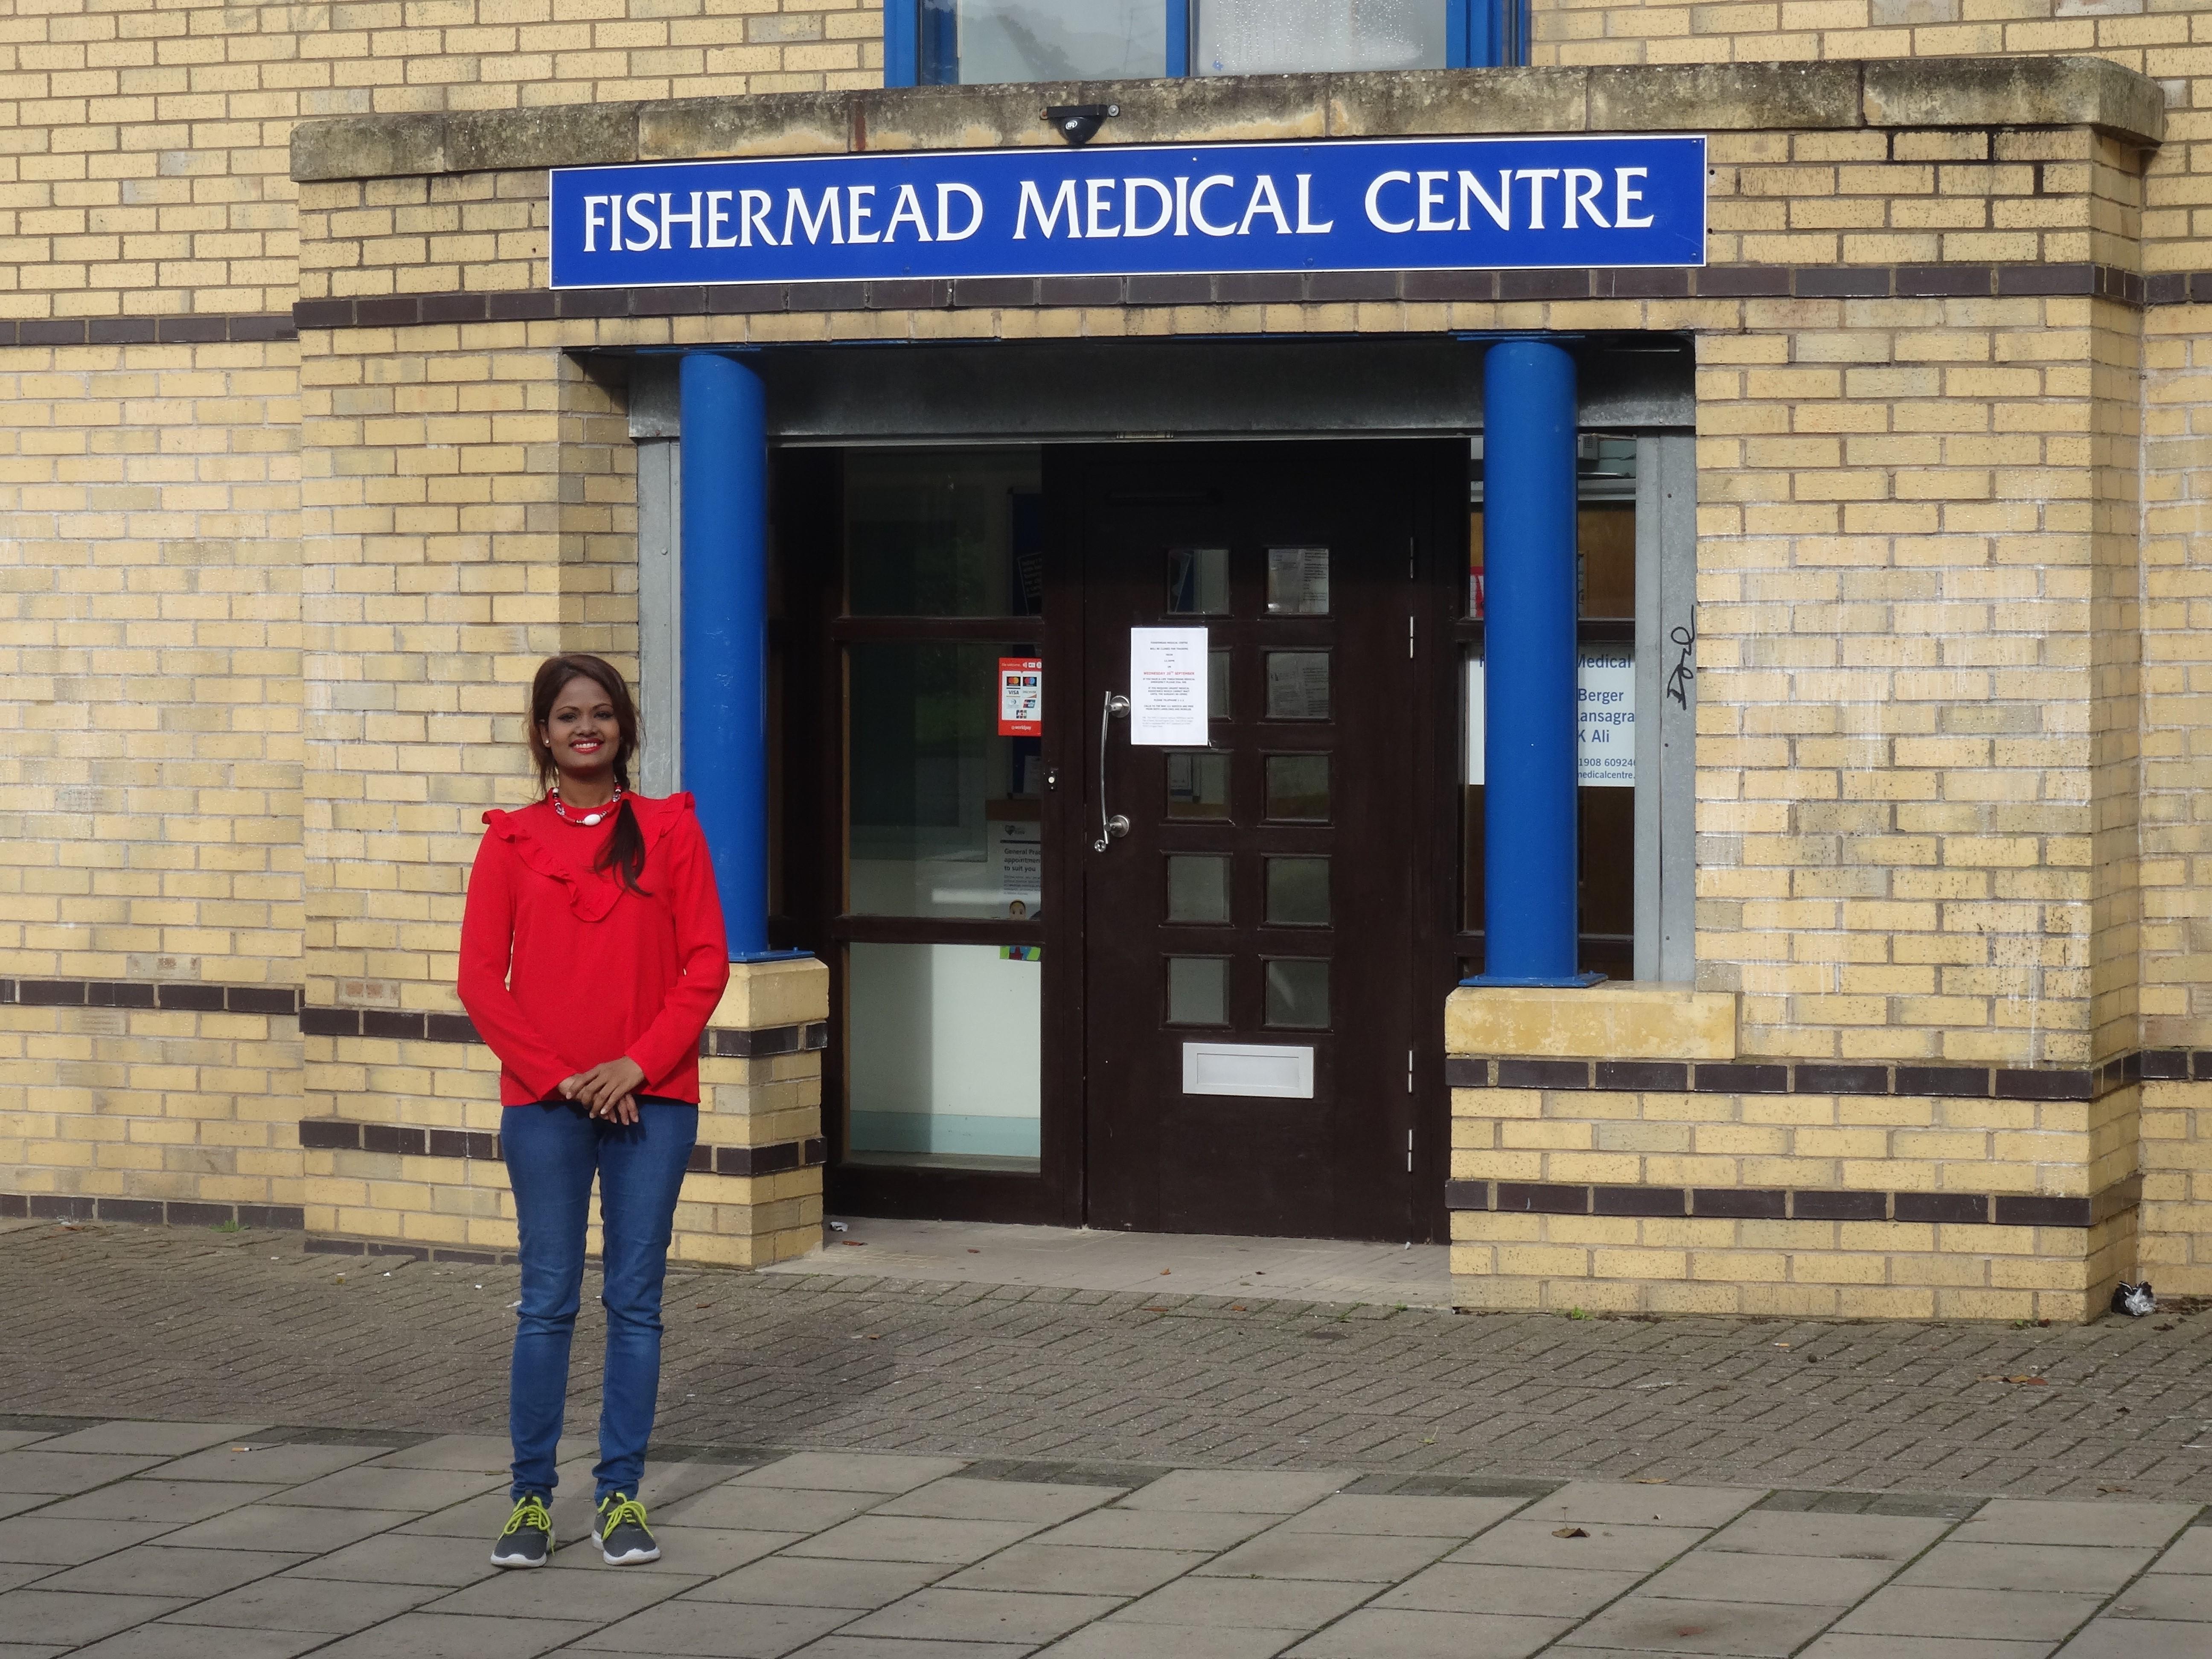 Shammi_Aktar_at_Fishermead_medical_centre.jpg